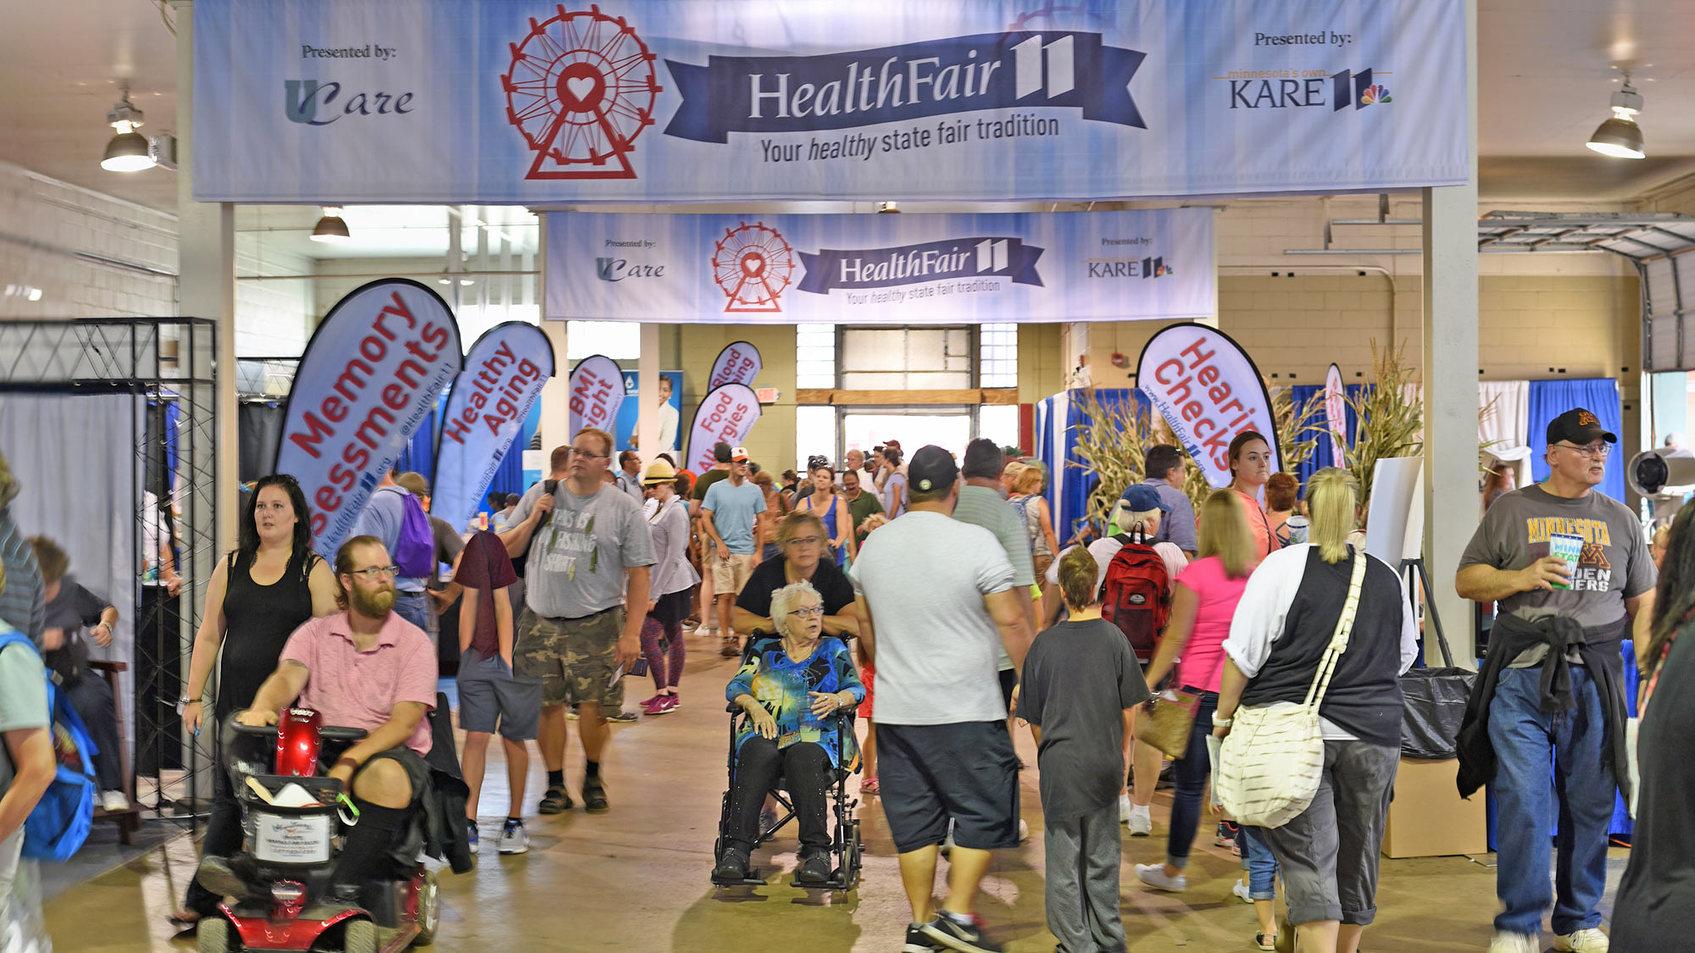 Health Fair 11